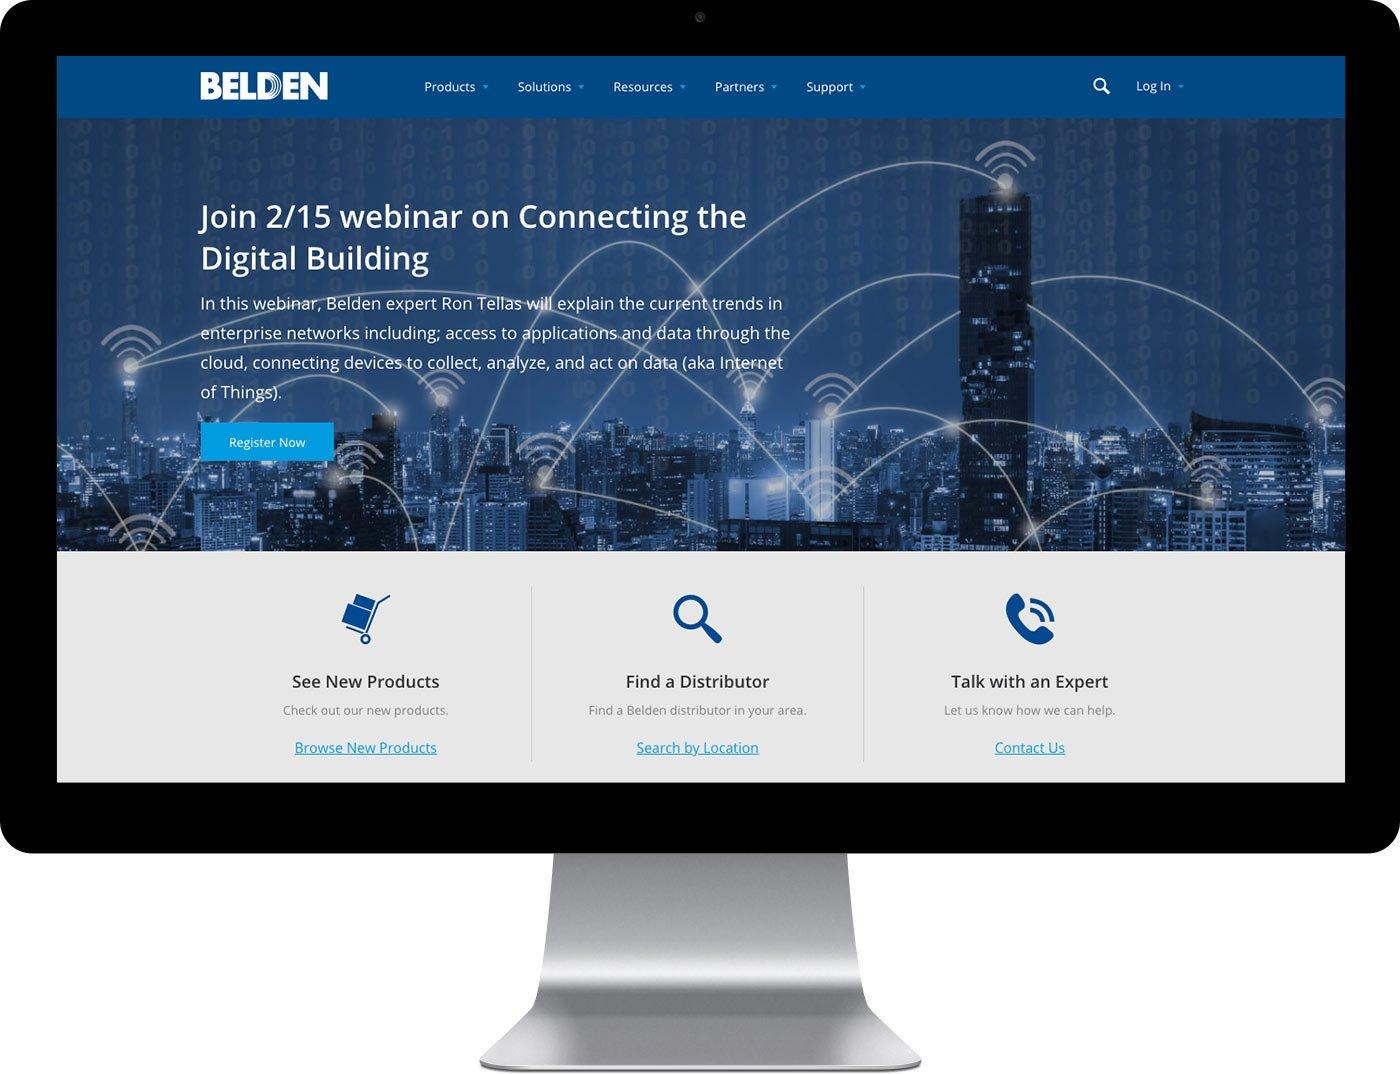 Belden's custom home page design